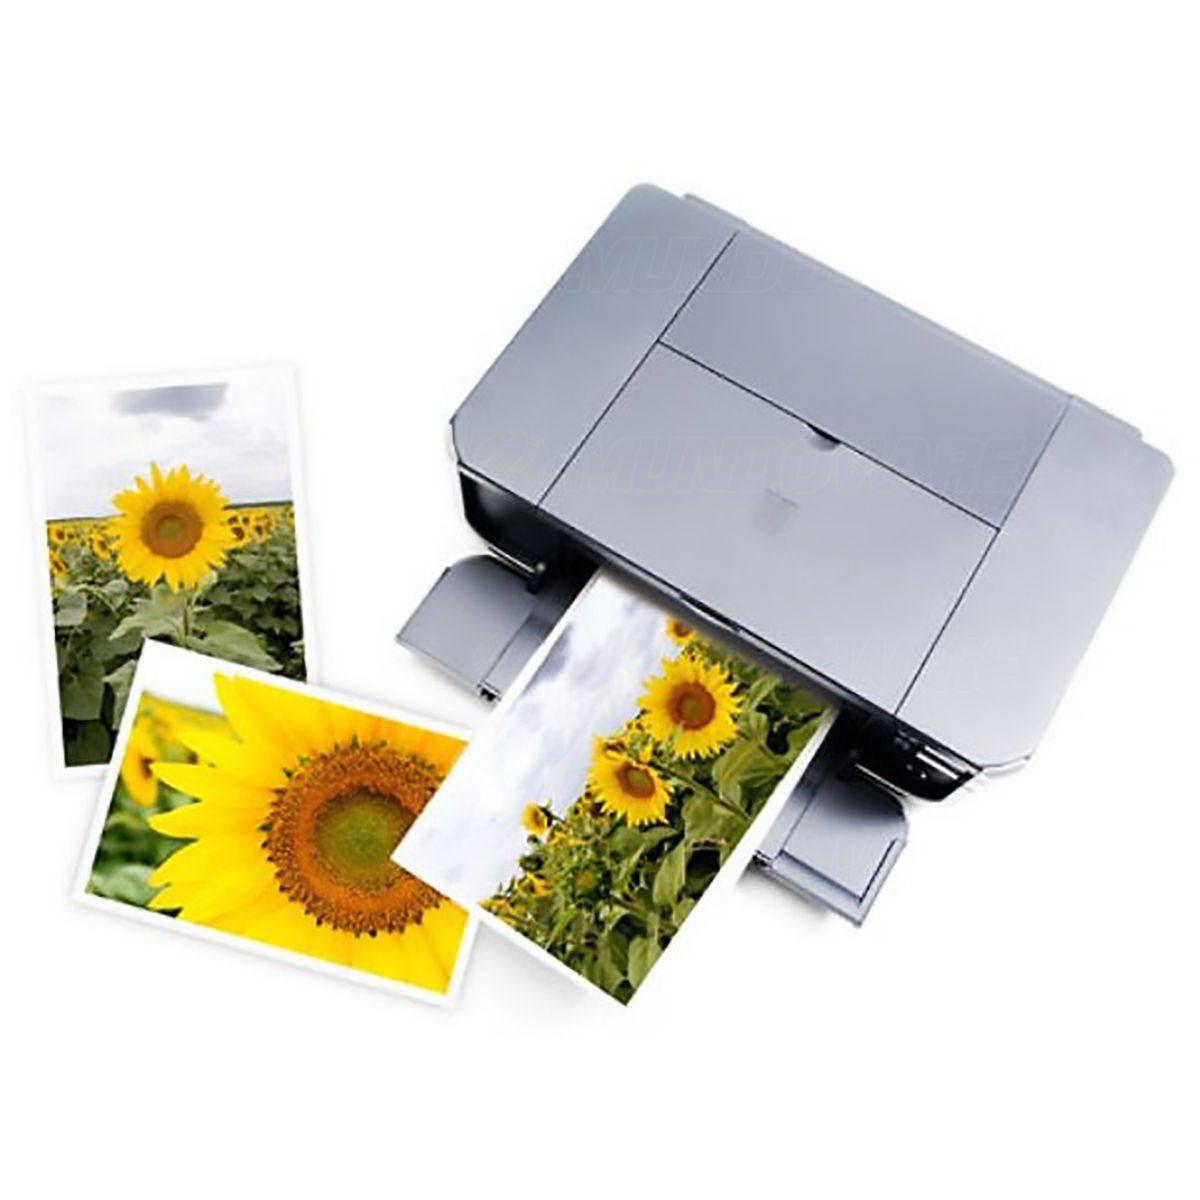 Papel Fotográfico Adesivo 80g A4 Glossy Branco Brilhante Resistente à Água / 20 folhas